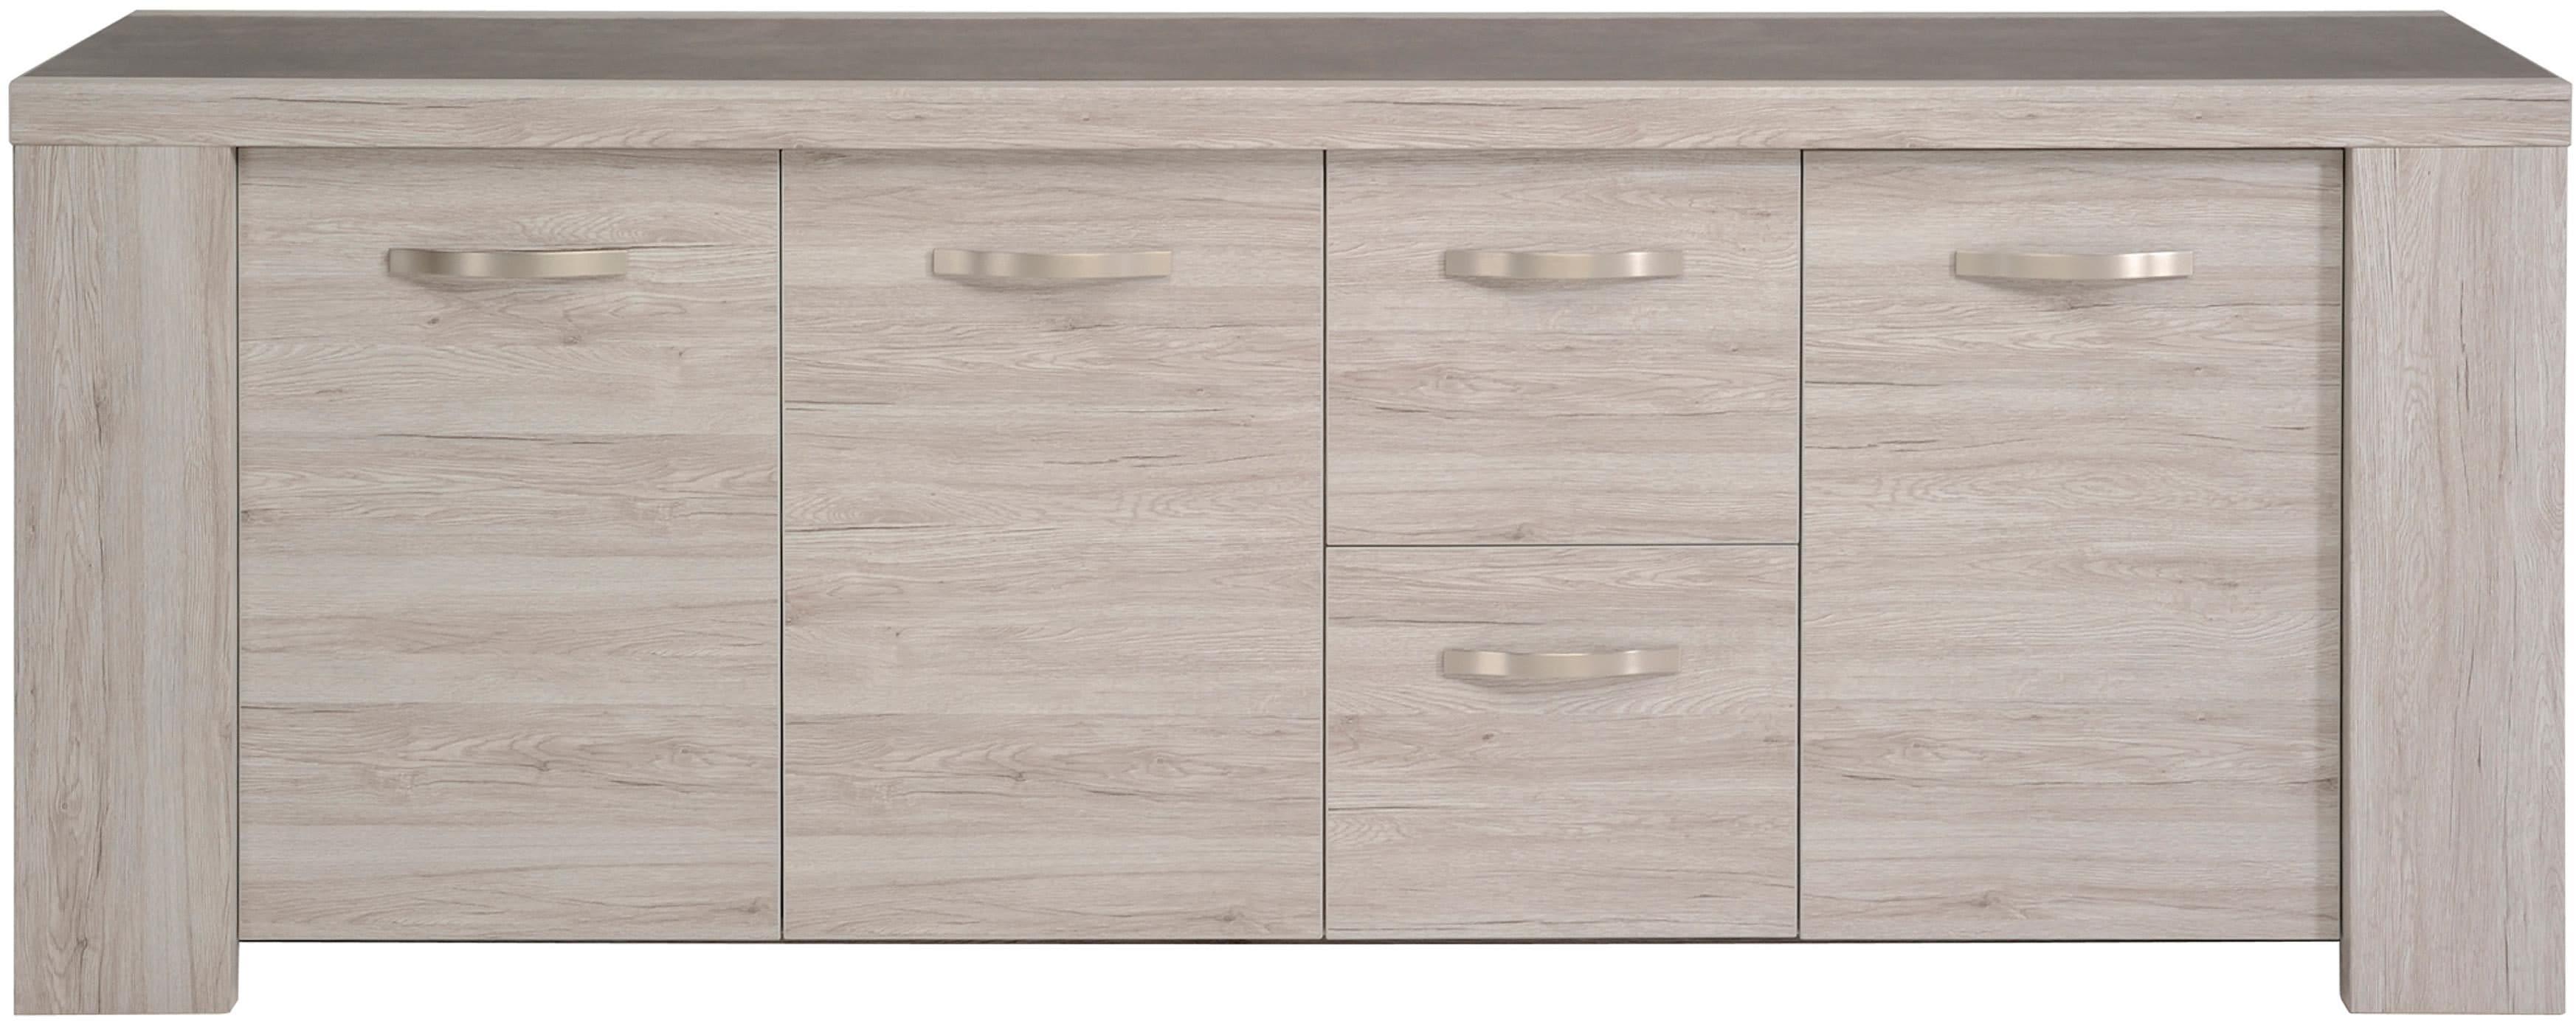 Parisot Sideboard Malone Breite 230 cm